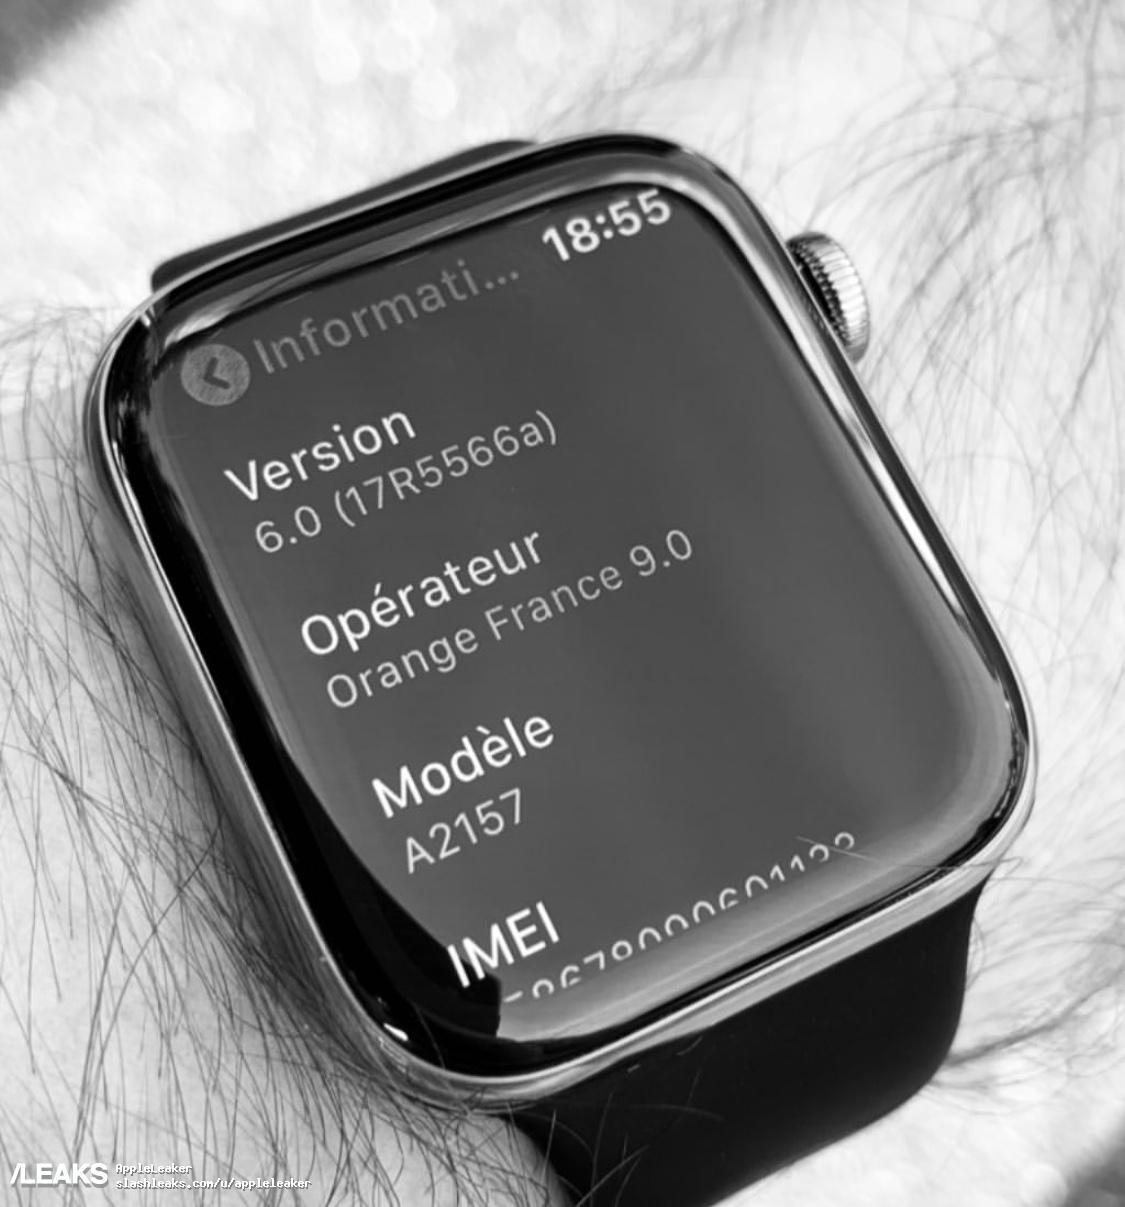 泄露的照片让我们第一次看到Apple Watch 5